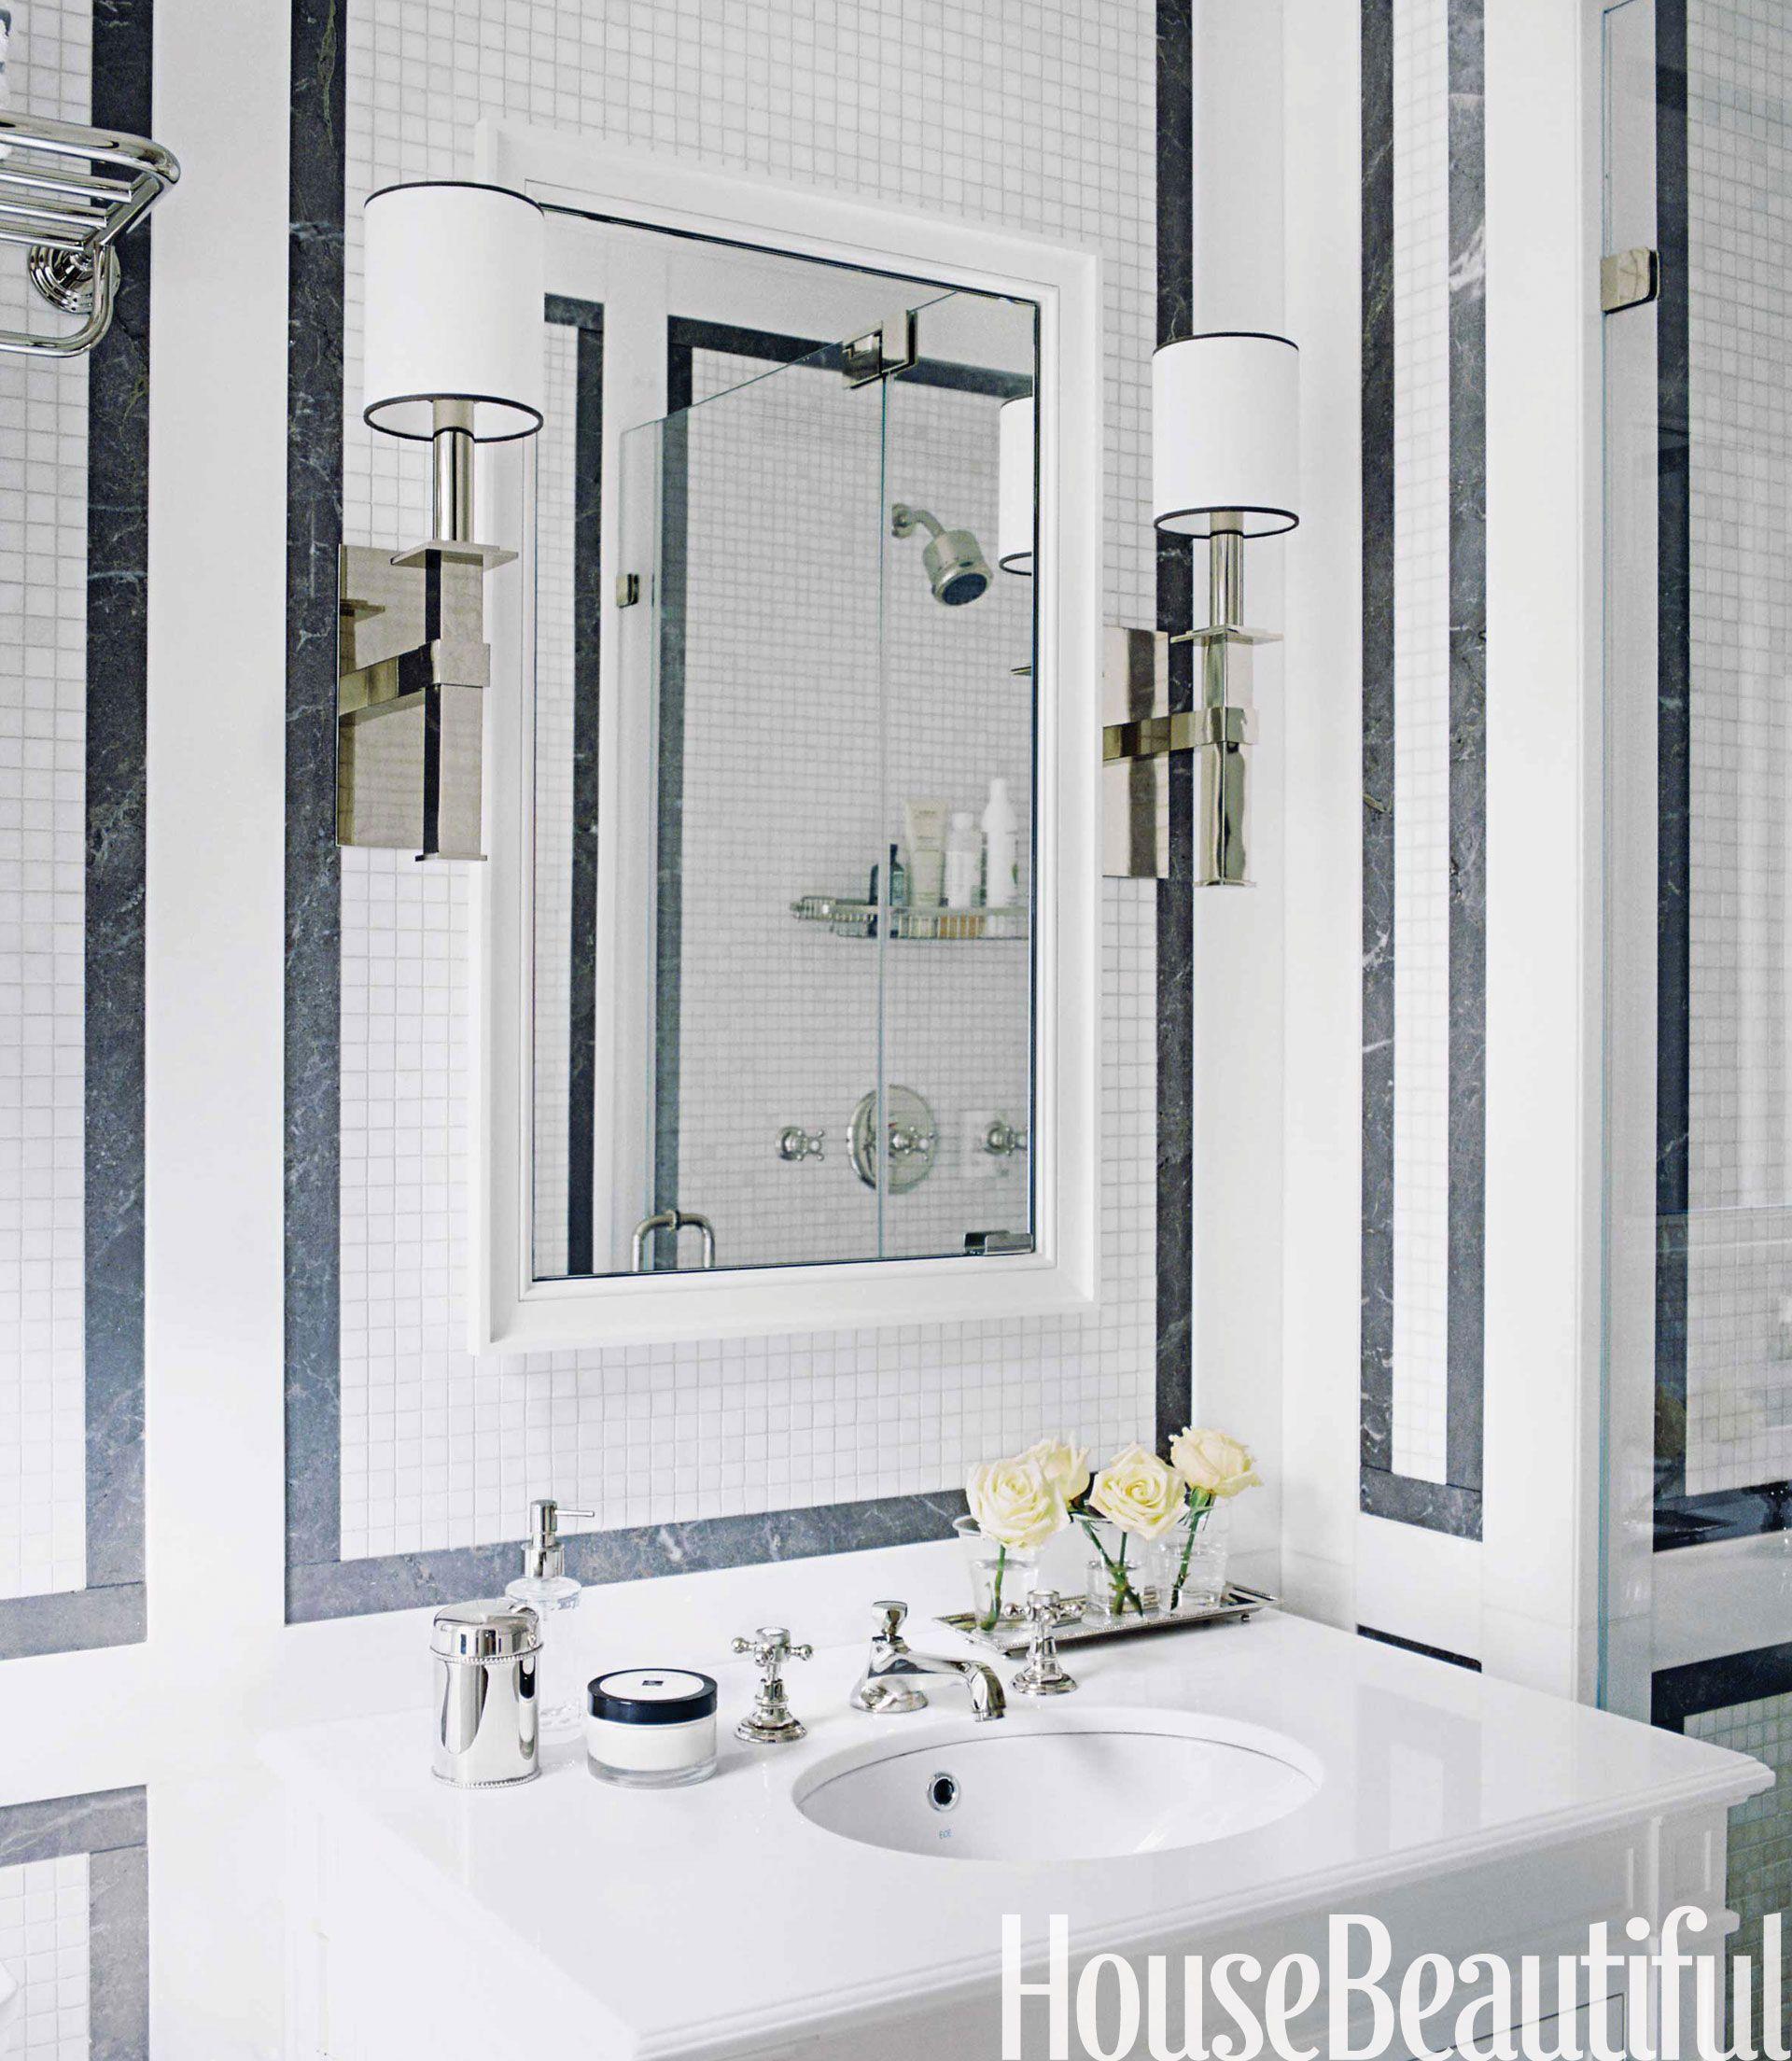 Ingebouwd frame Een geometrisch ontwerp omlijst de spiegel en lampen in deze badkamer in New York City, met tegels van Studium.